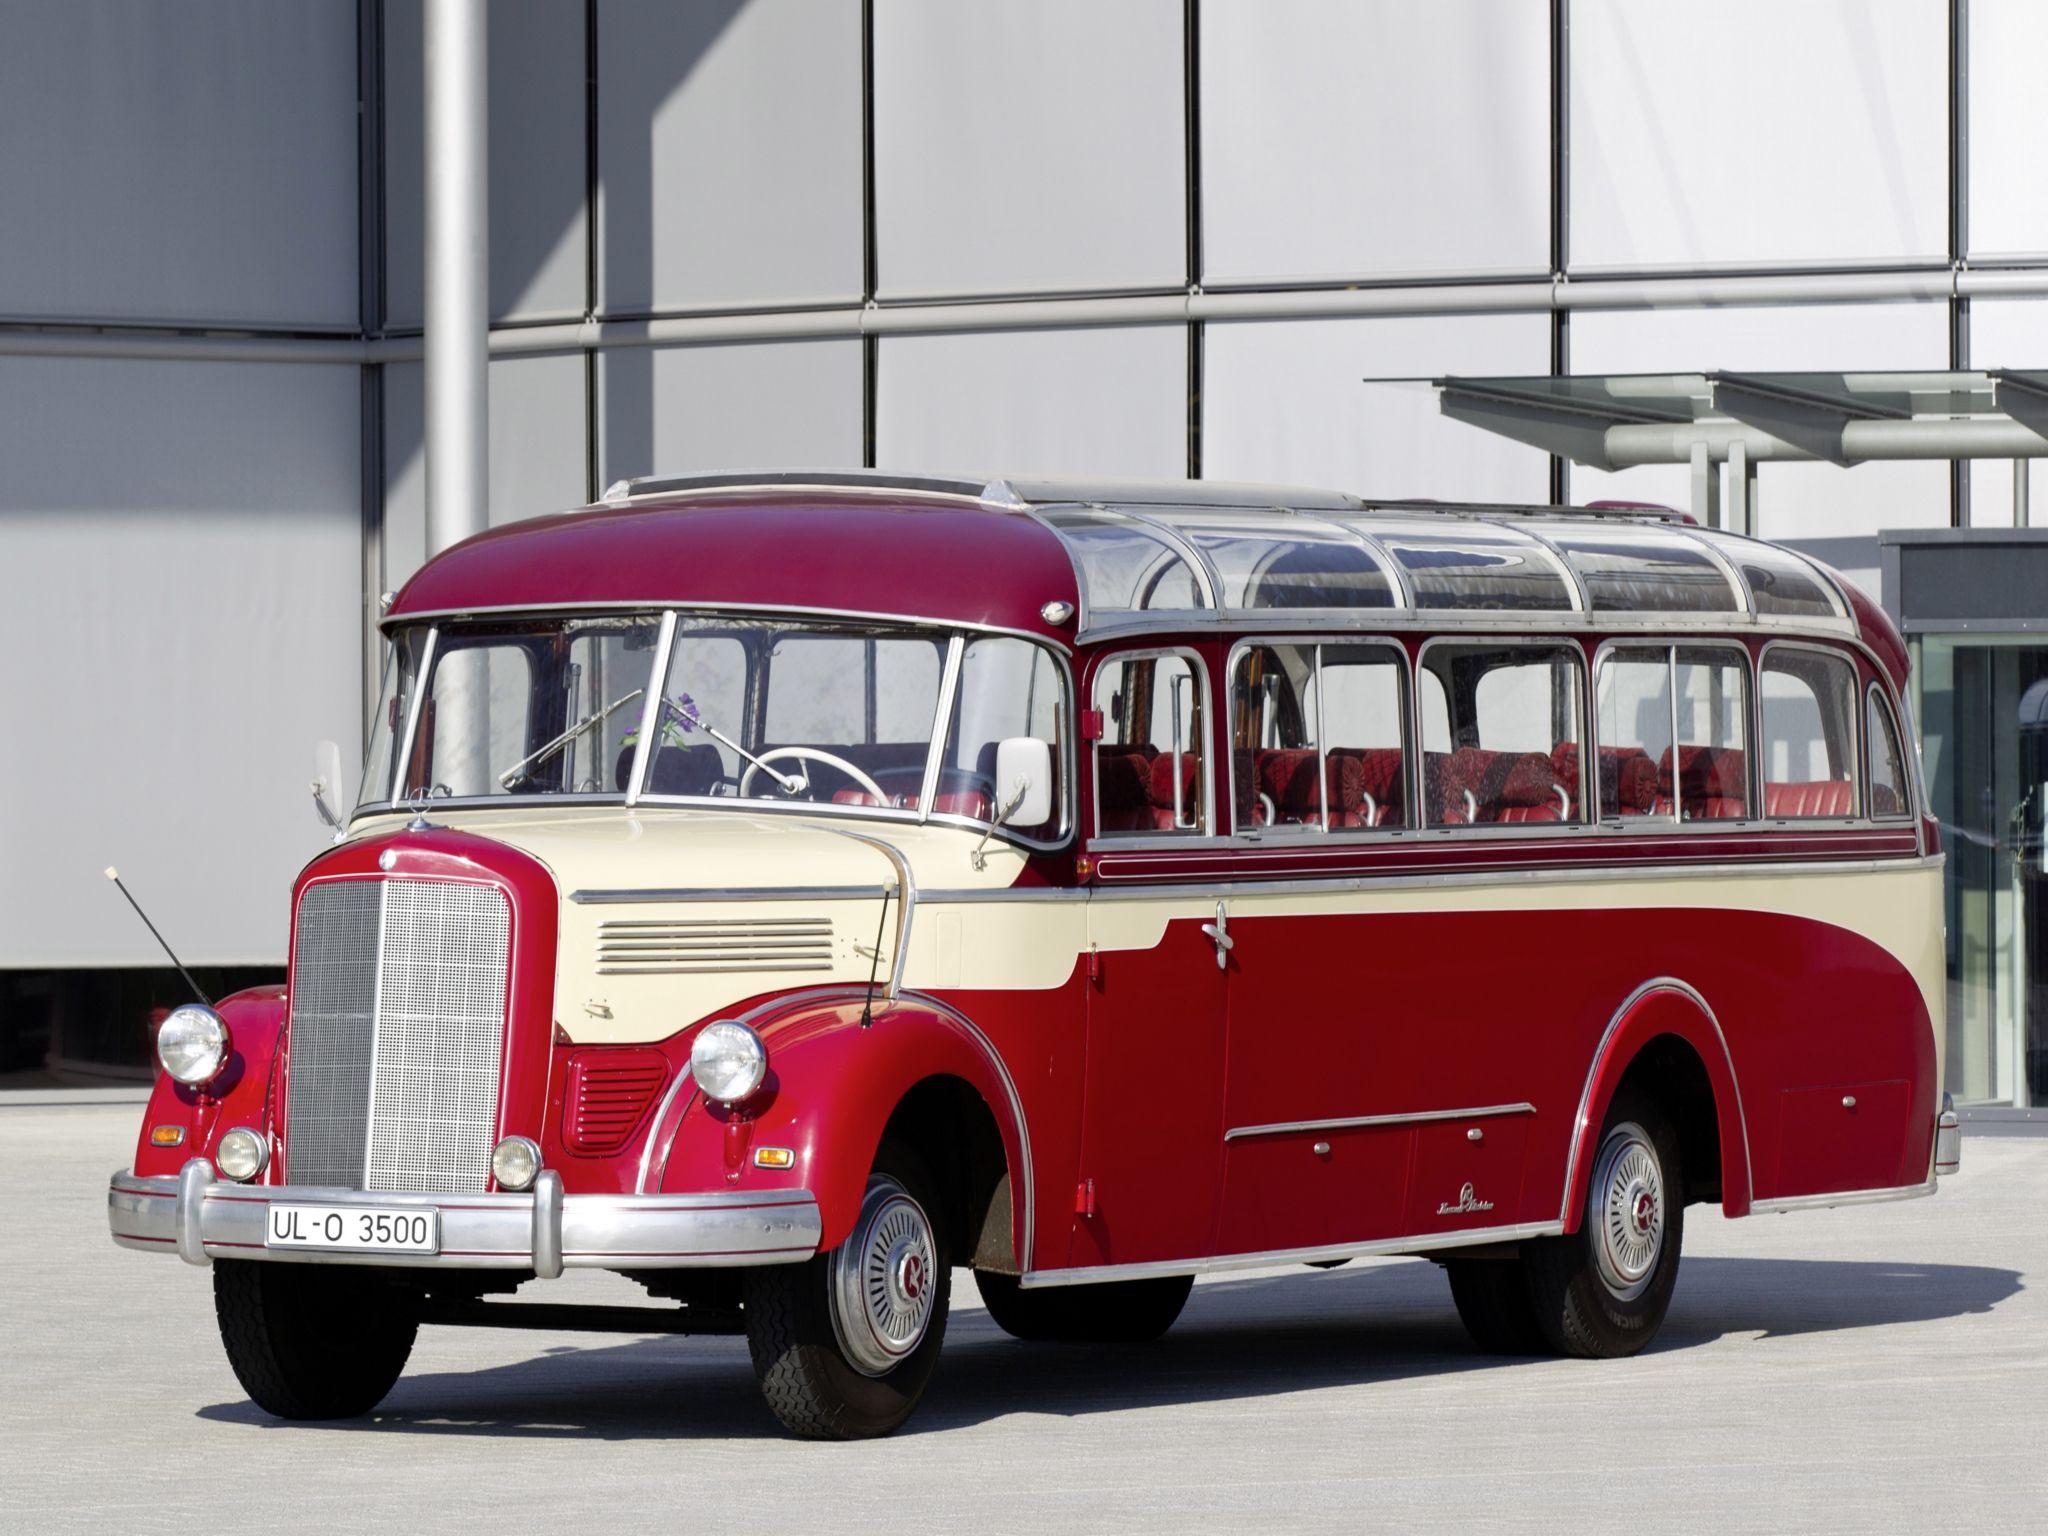 1971 mercedes benz o302 bus daimler ag de auto mercedes benz de - 1971 Mercedes Benz O302 Bus Daimler Ag De Auto Mercedes Benz De 42